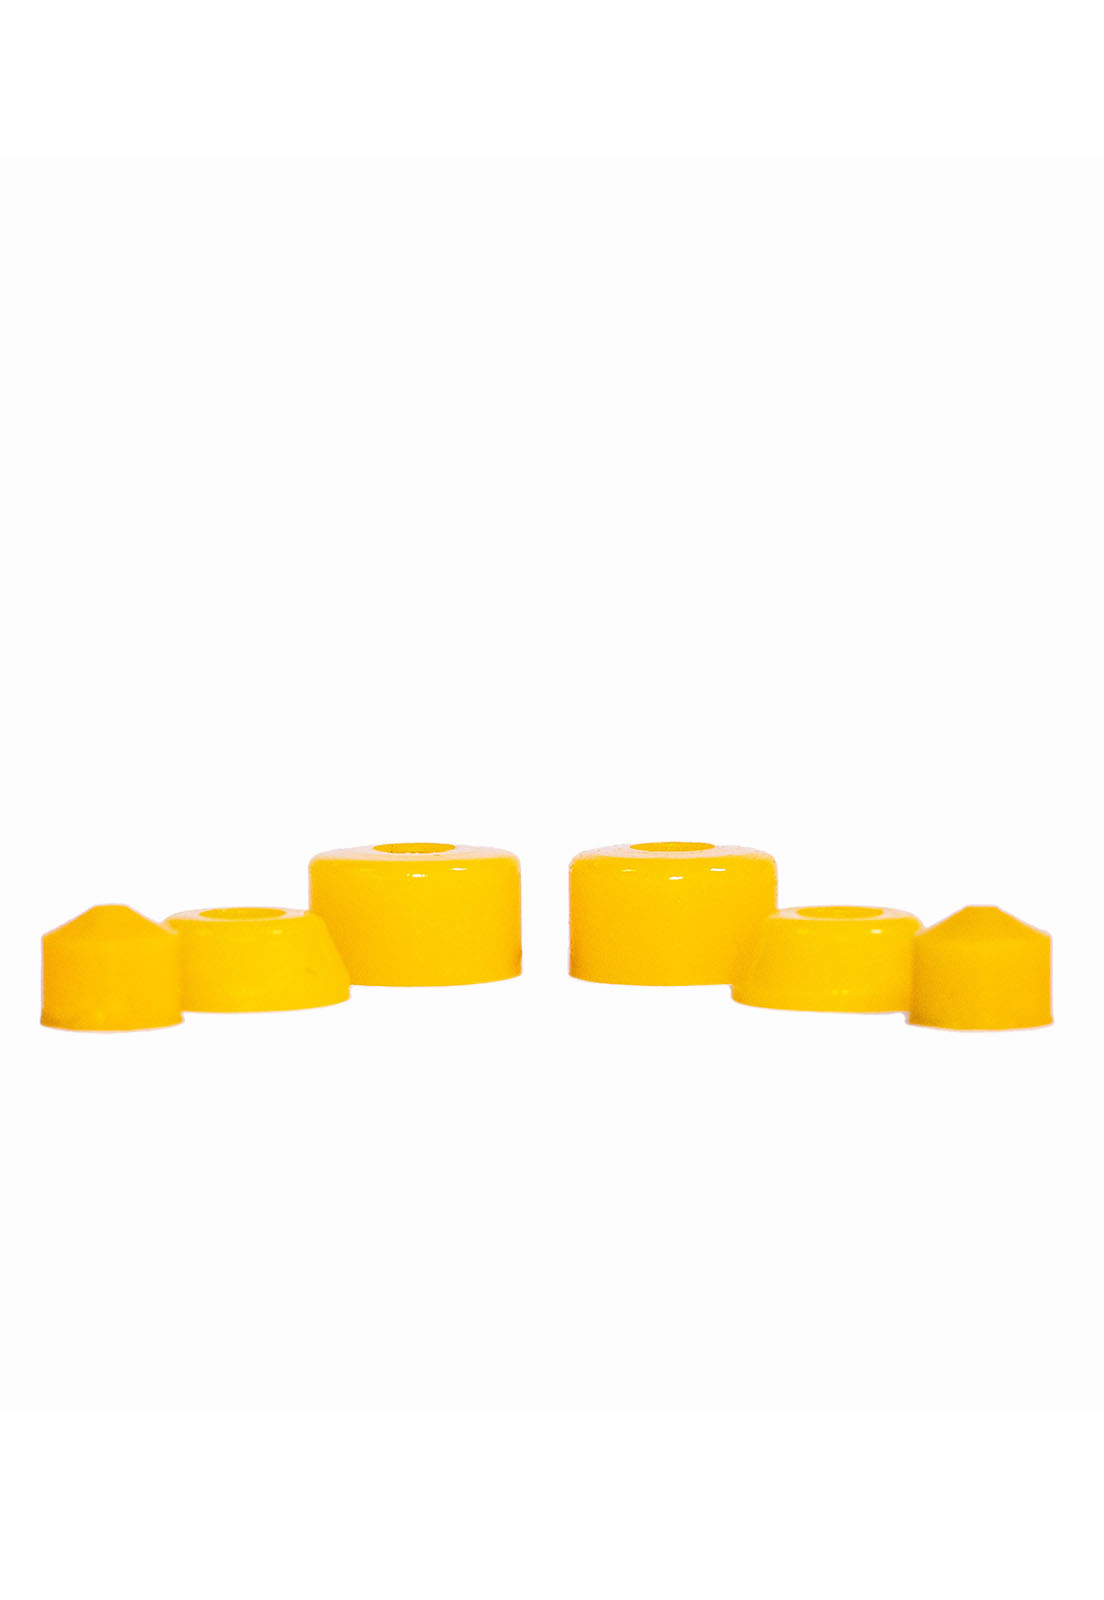 Amortecedor Poliuretano Fundido Conico 9,5mm Cisco Skate